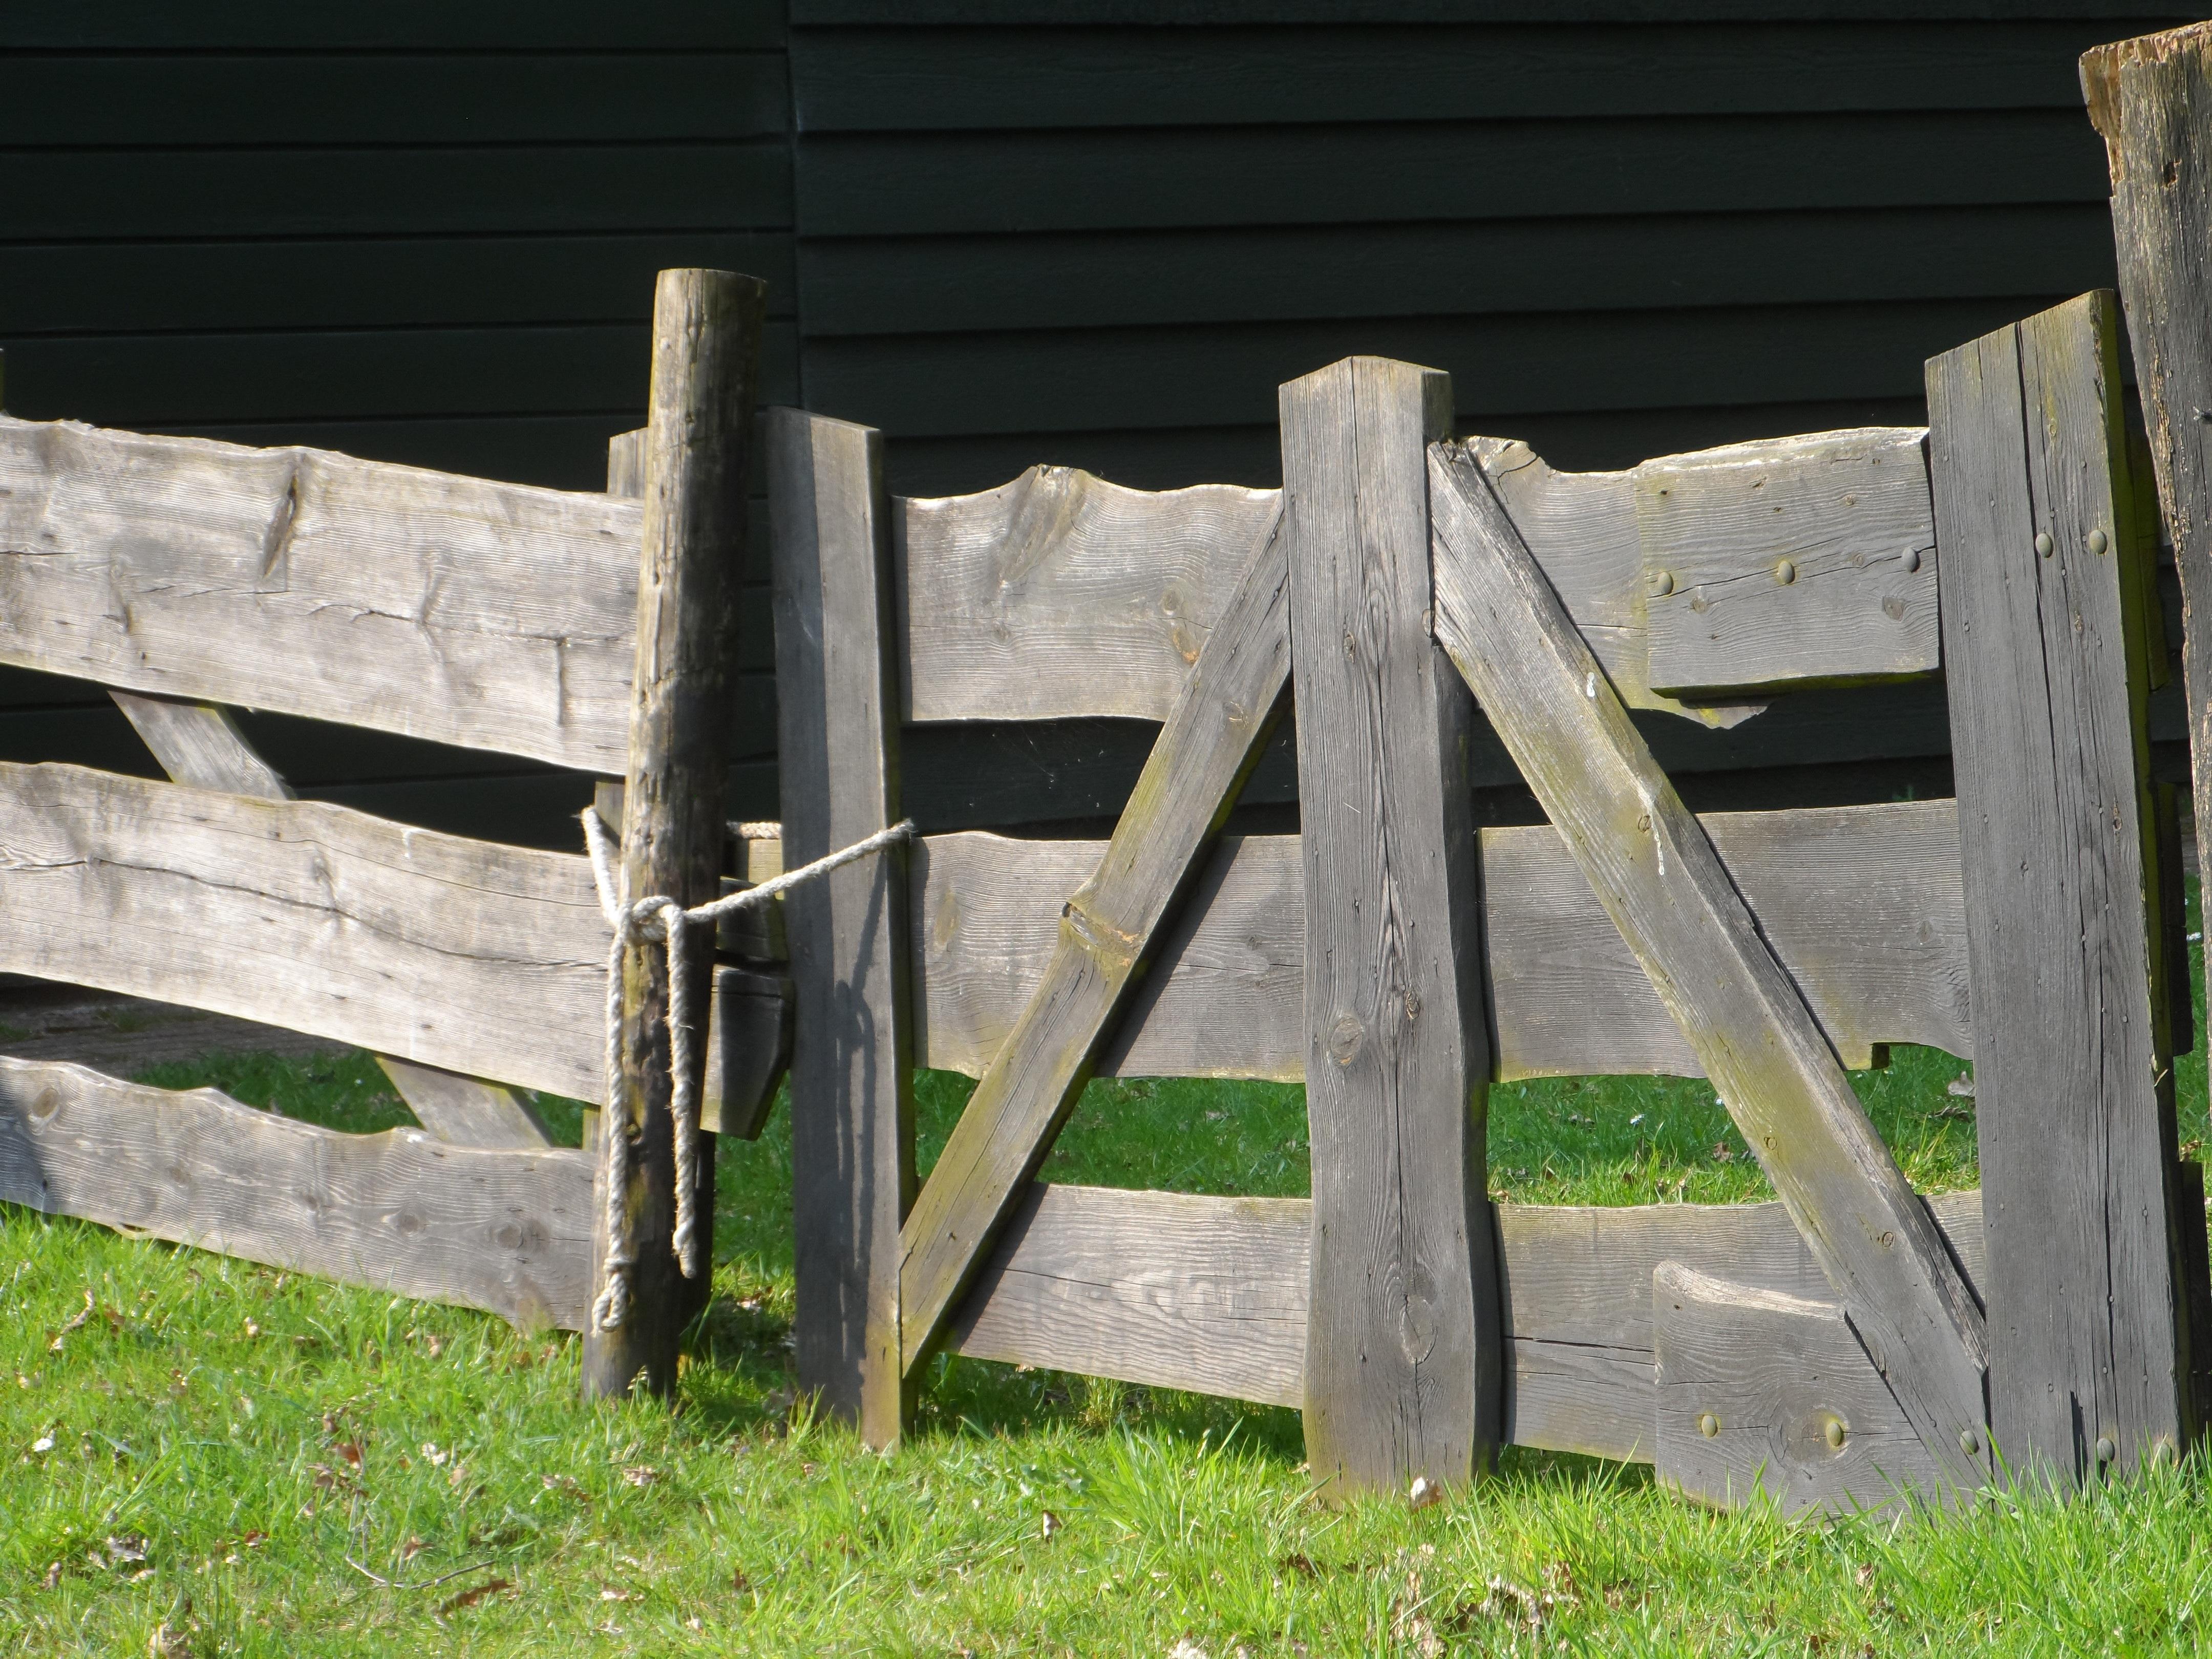 Wooden fences, fences: photos of original structures 84